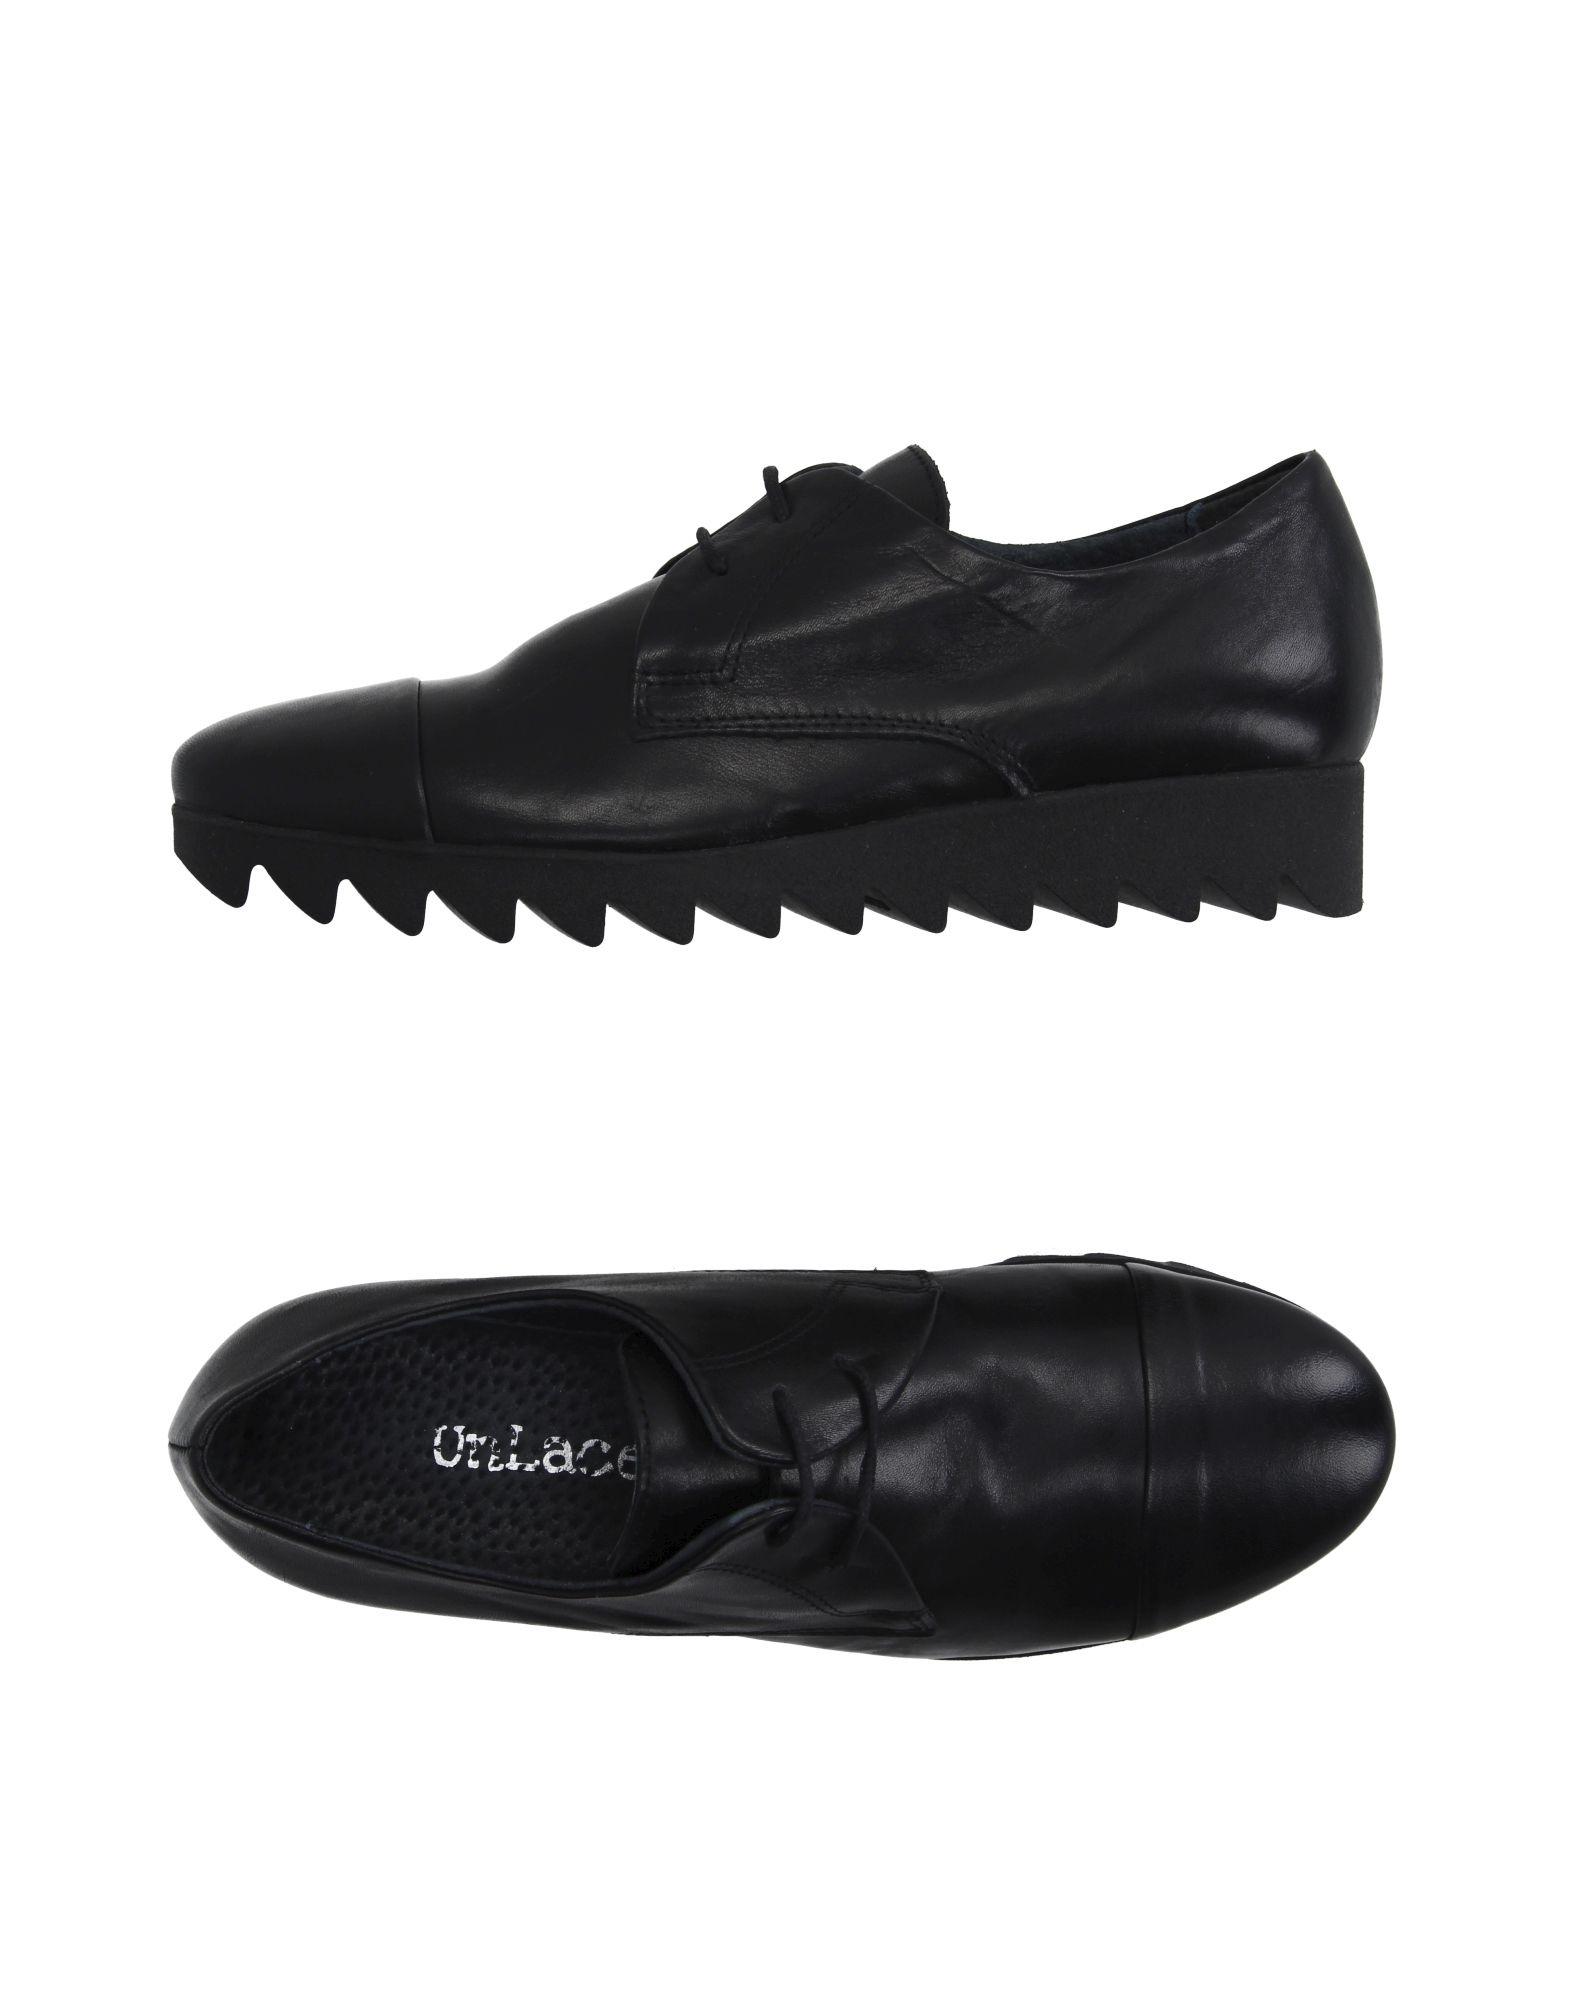 Unlace Schnürschuhe Damen  44999583XH Gute Qualität Qualität Gute beliebte Schuhe d47ec2